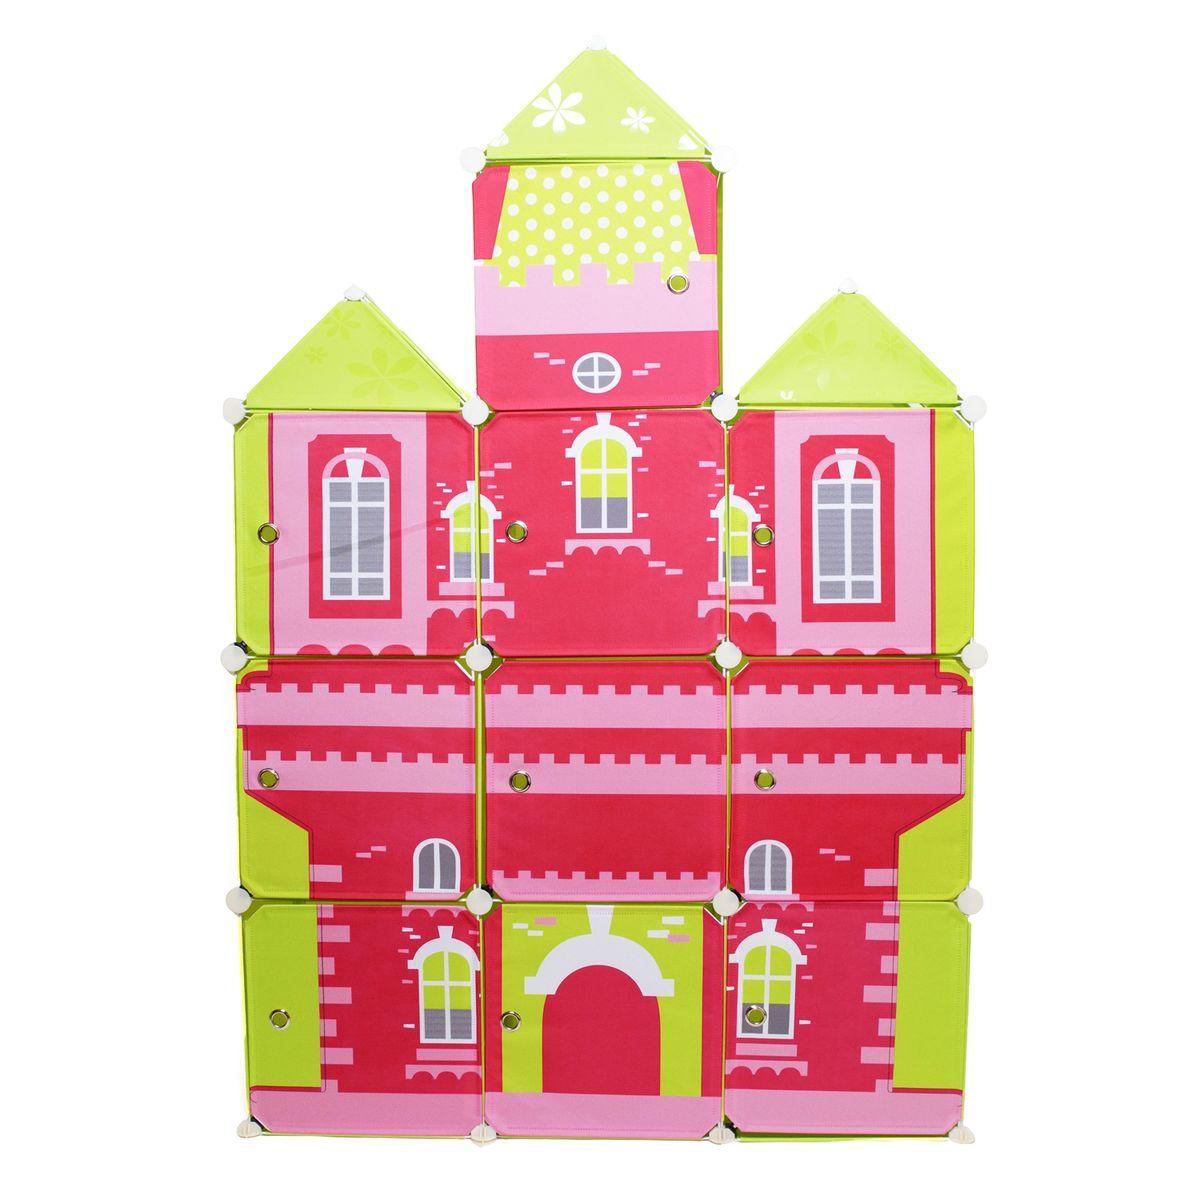 Шкаф детский модульный Homsu Домик, 111 x 39 x 163 смHOM-607Детский модульный шкаф Homsu Домик выполнен из пластика и металла. Приучить детей к порядку легко, если им нужно будет складывать вещи в яркий разноцветный домик. Детский модульный шкаф - это отличная система для хранения детских вещей. Он представляет собой несколько сборных модульных кубов, с дверцами, которые легко собираются в веселый домик красного цвета с желтыми башенками. В шкаф можно складывать игрушки, одежду и прочие детские вещи. Размер: 111 х 39 х 163 см.